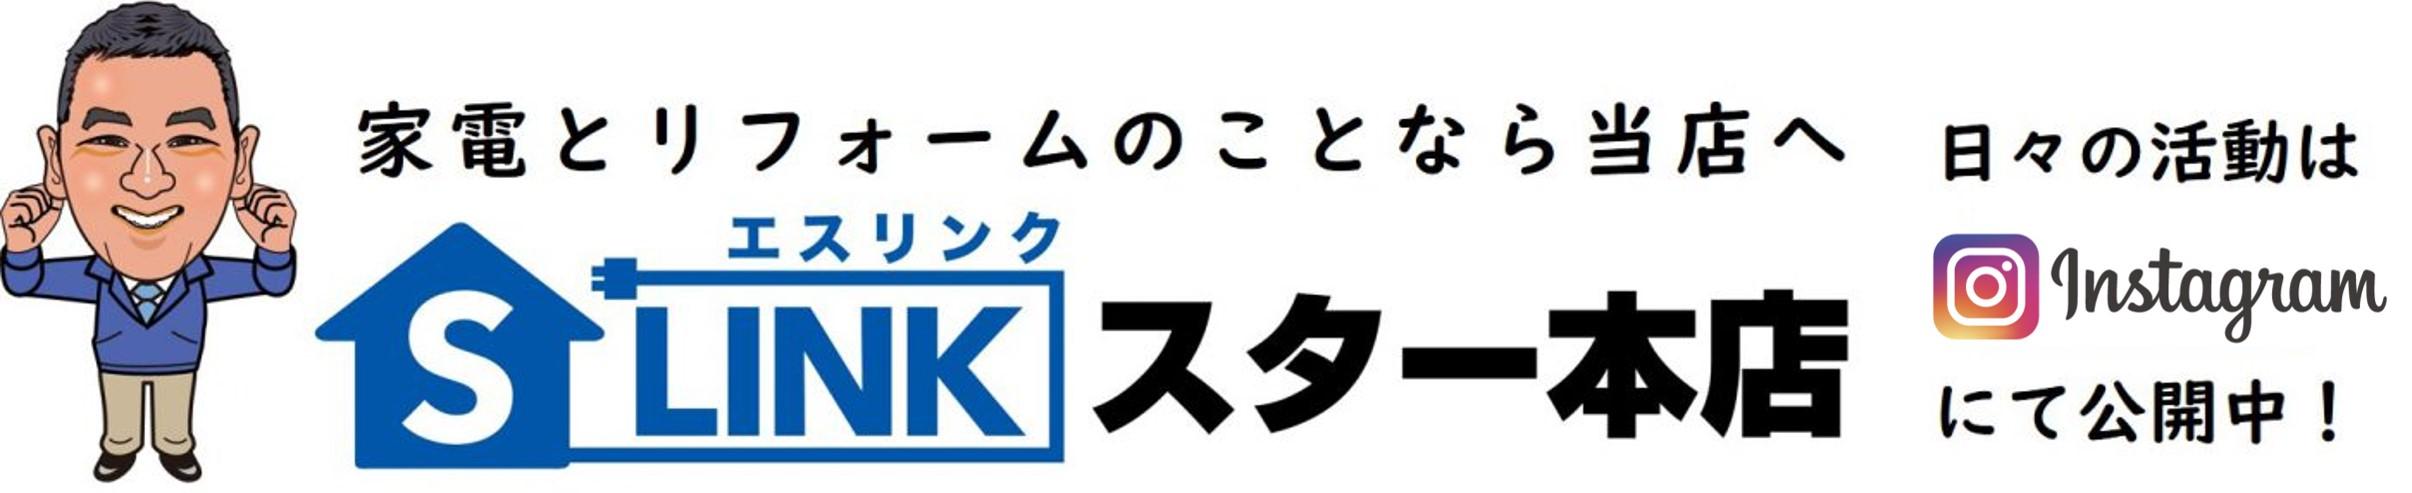 埼玉県さいたま市岩槻区の電気屋さん S-LINKスター本店(スター電器株式会社)